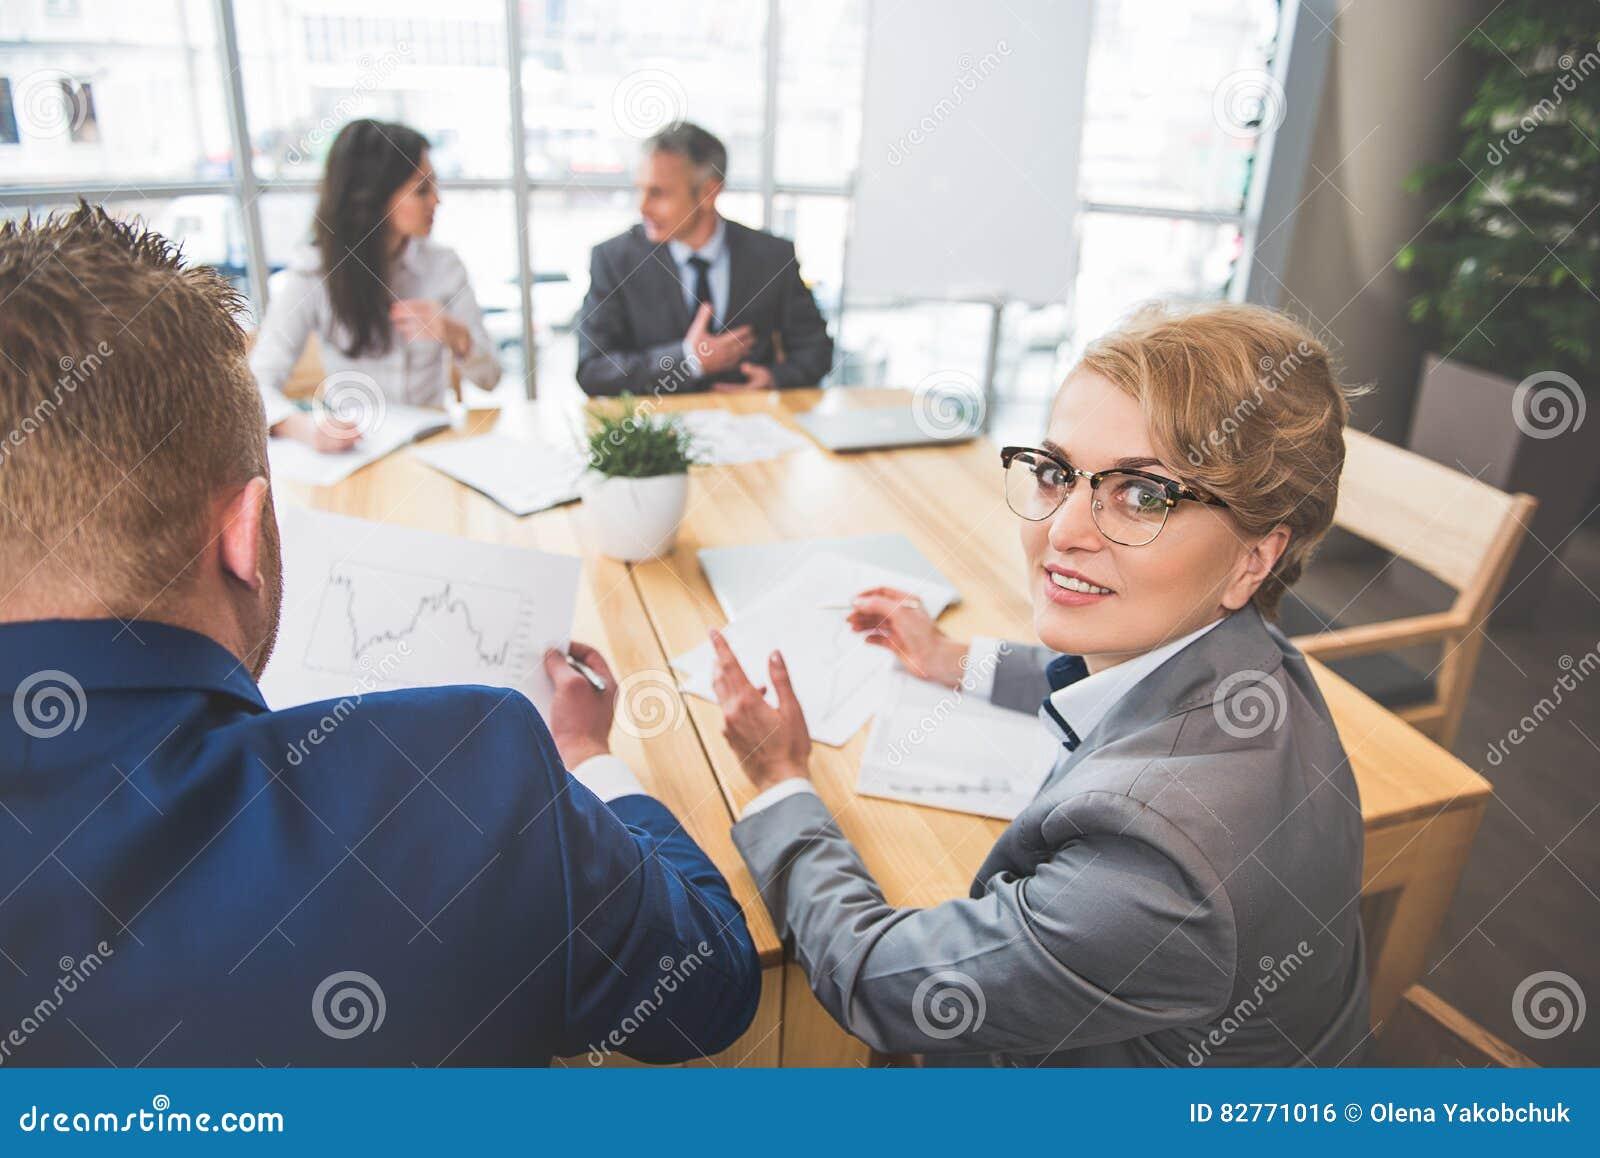 e10dc6f685740 Los Empleados Concentrados Están Trabajando En Oficina Foto de ...